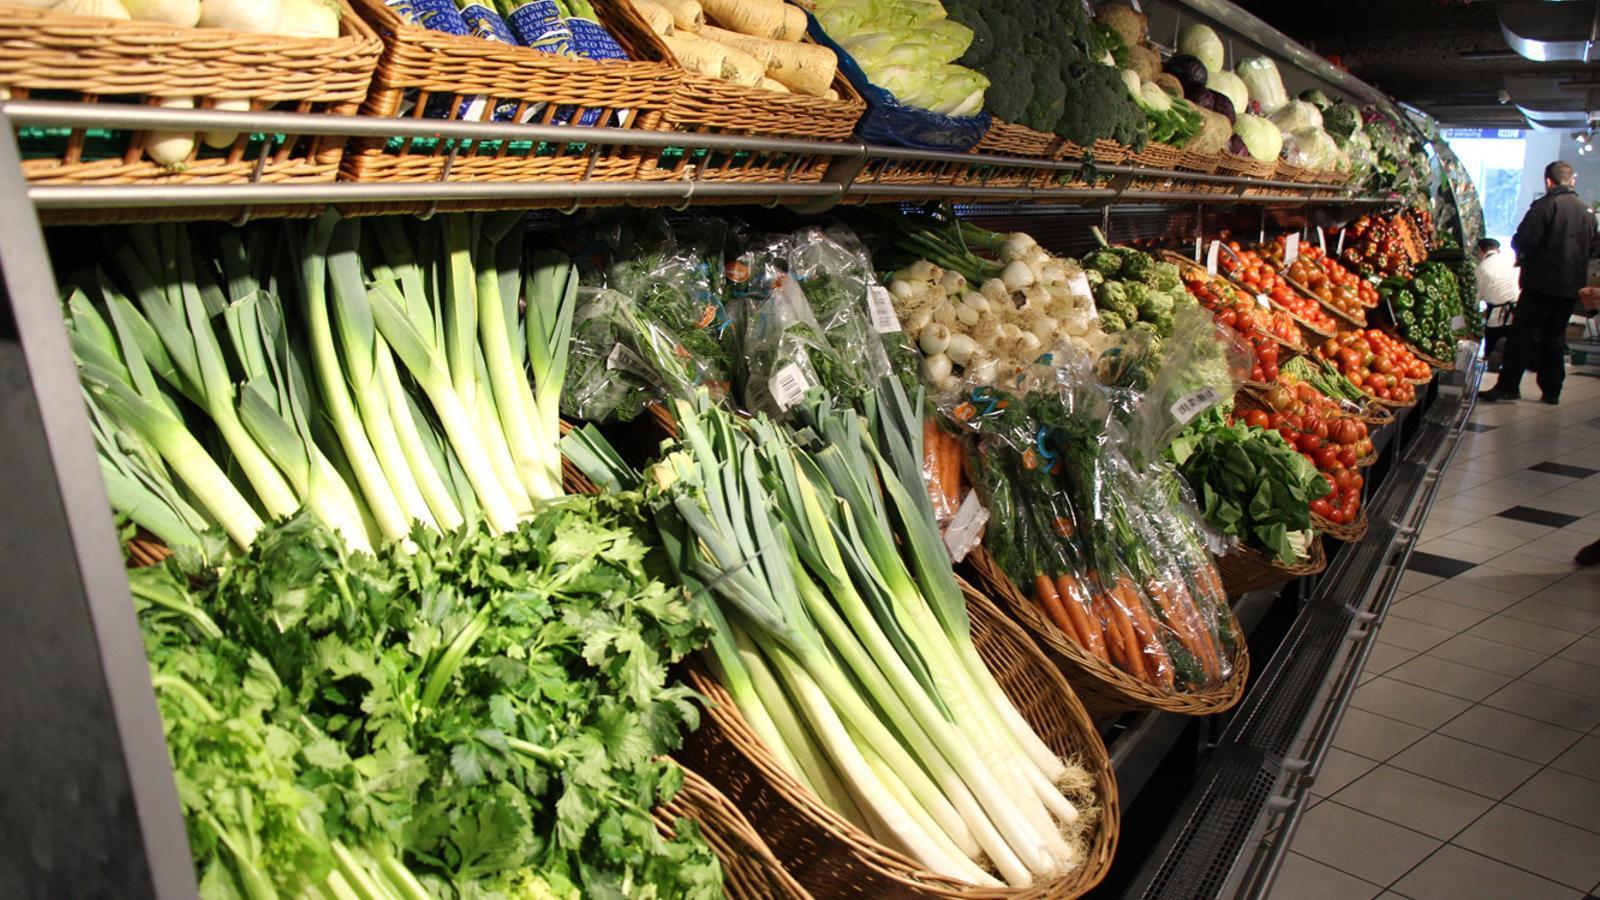 La fruita i la verdura en un supermercat. / ARXIU